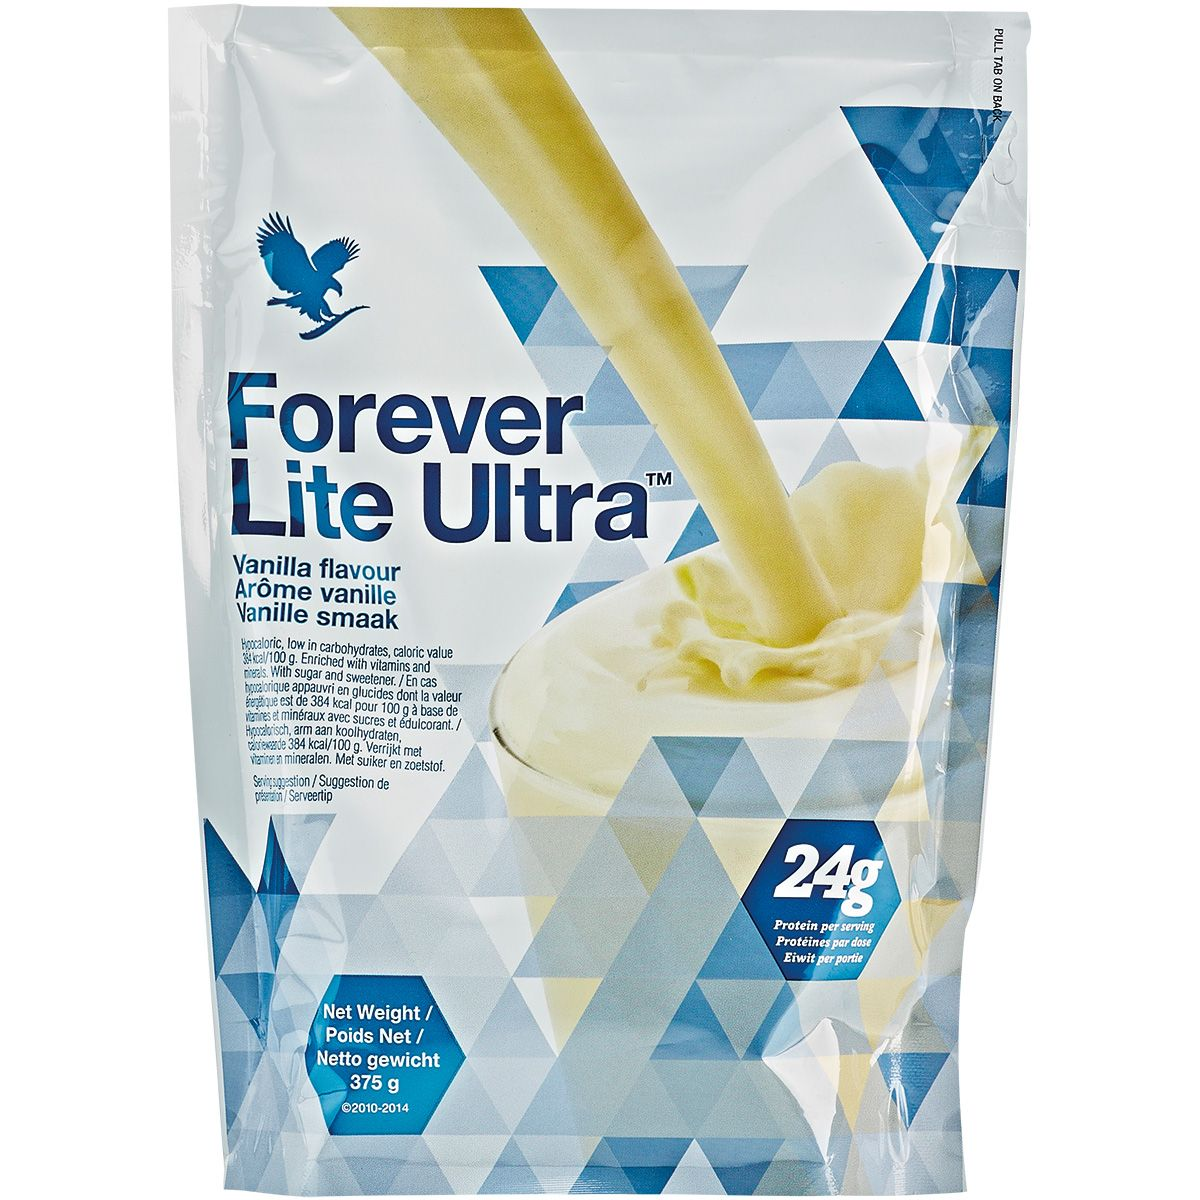 Forever Lite Ultra De Vanilie